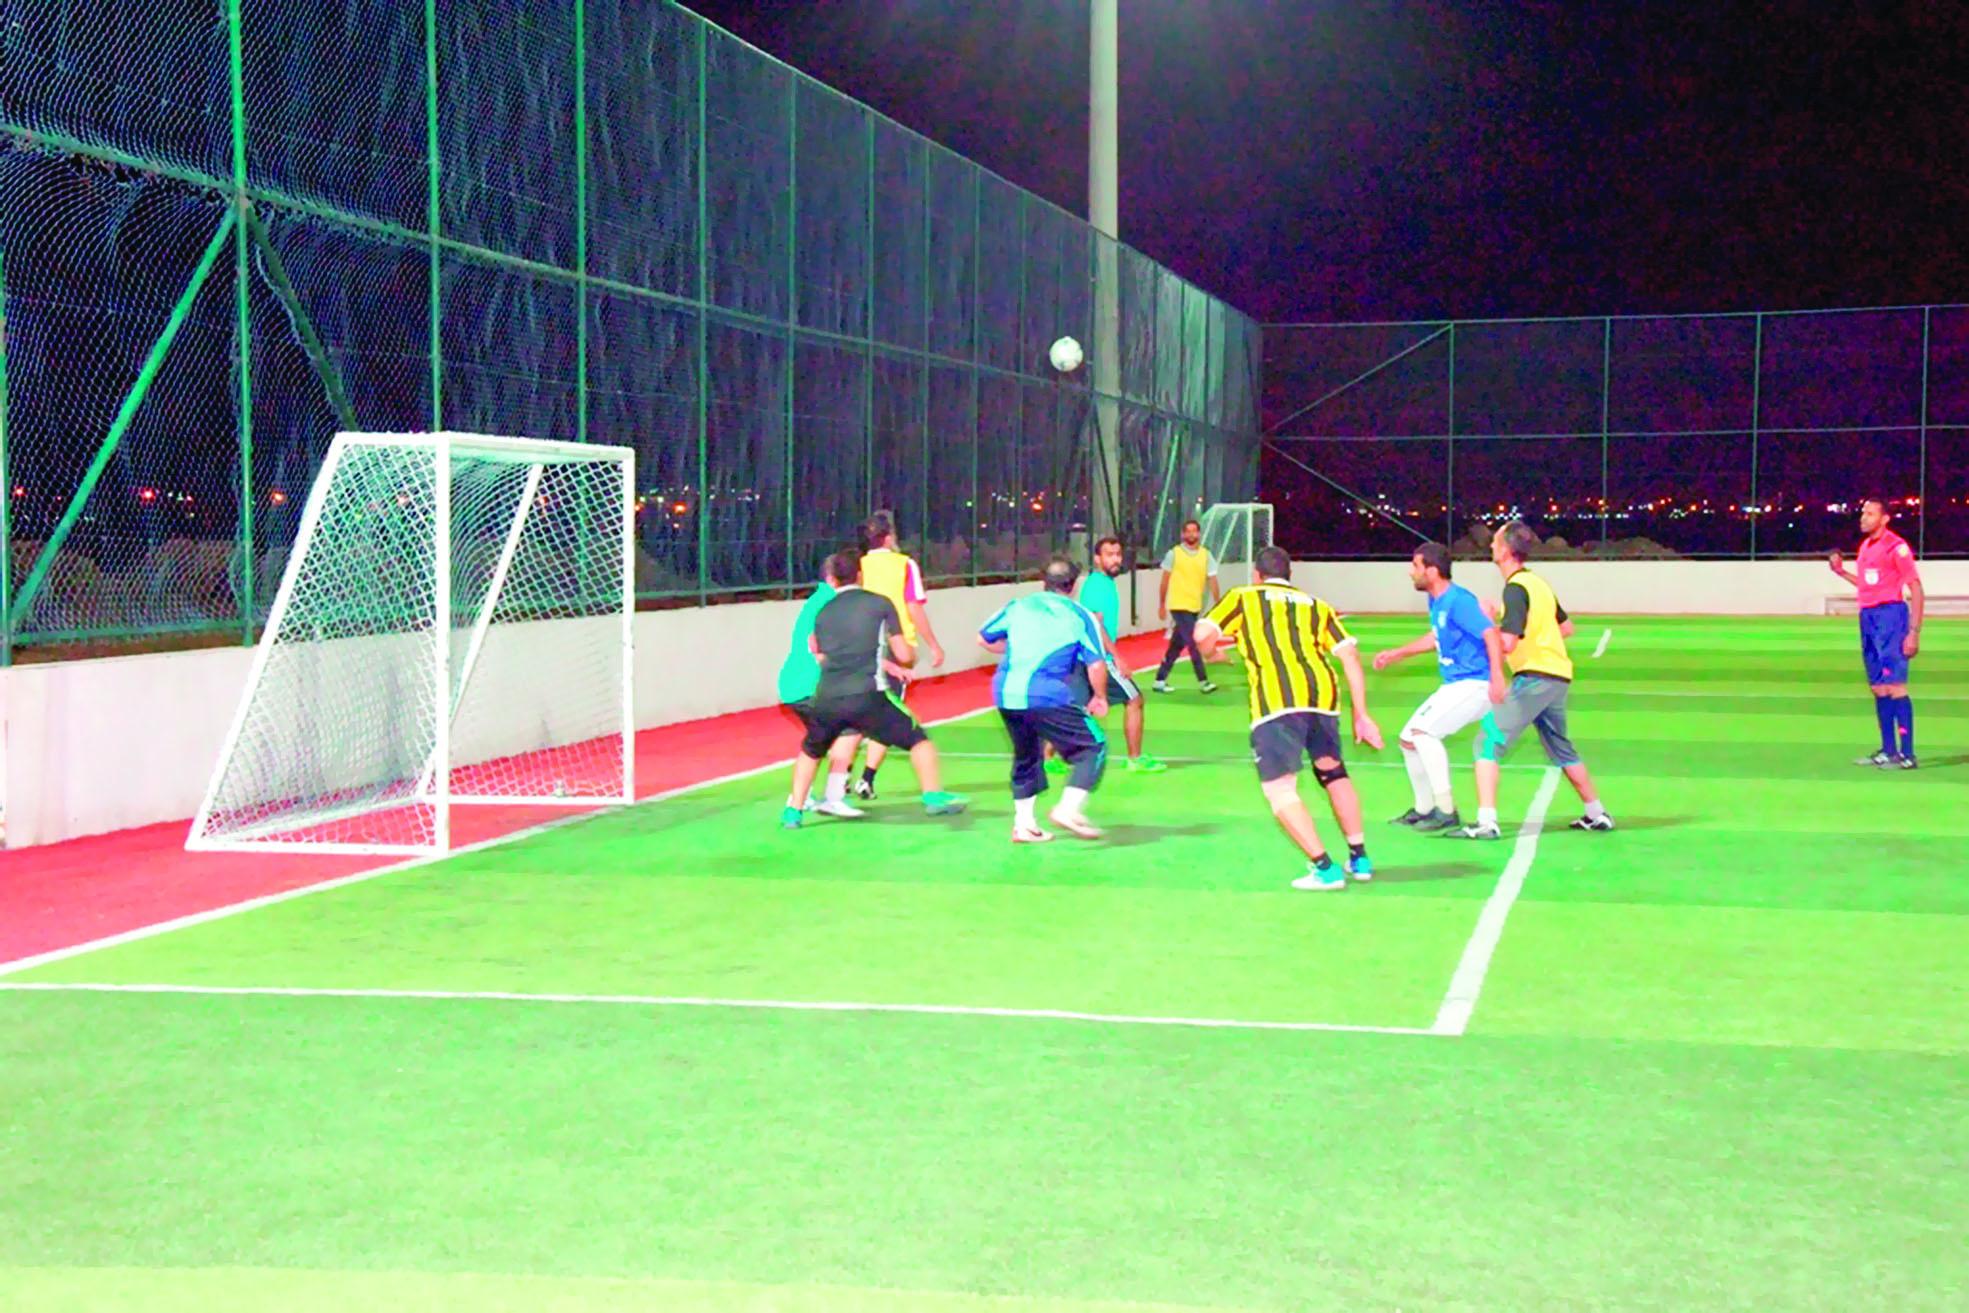 «الشؤون الإدارية» يتوَّج بكأس سداسيات كرة القدم لموظفي التربية بالداخلية